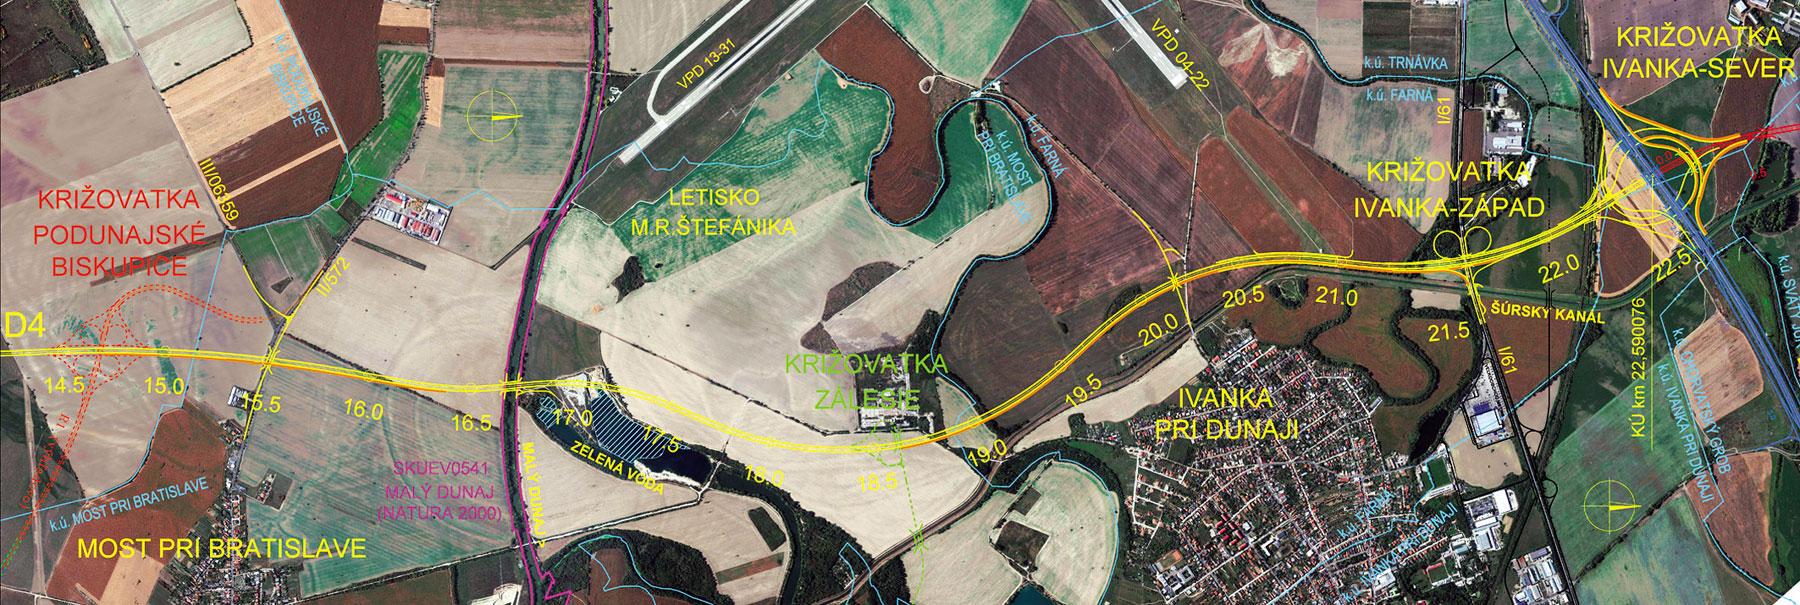 Obr 4 Dialnica D4  Bratislava  Jarovce   Ivanka sever  km 14 500   22 1